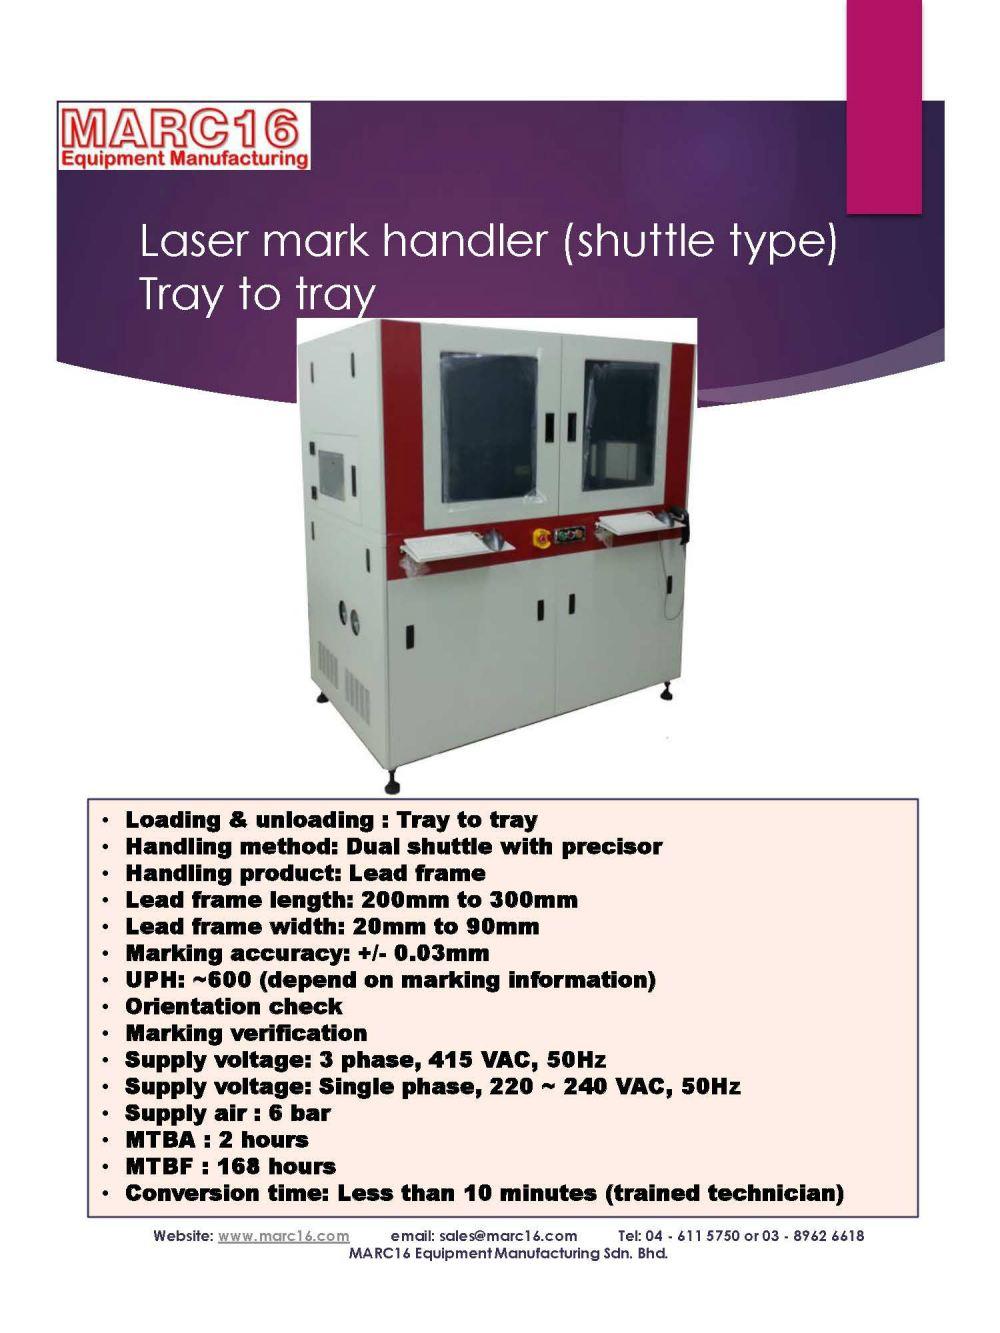 Laser mark handler - Leadframe - Shuttle type